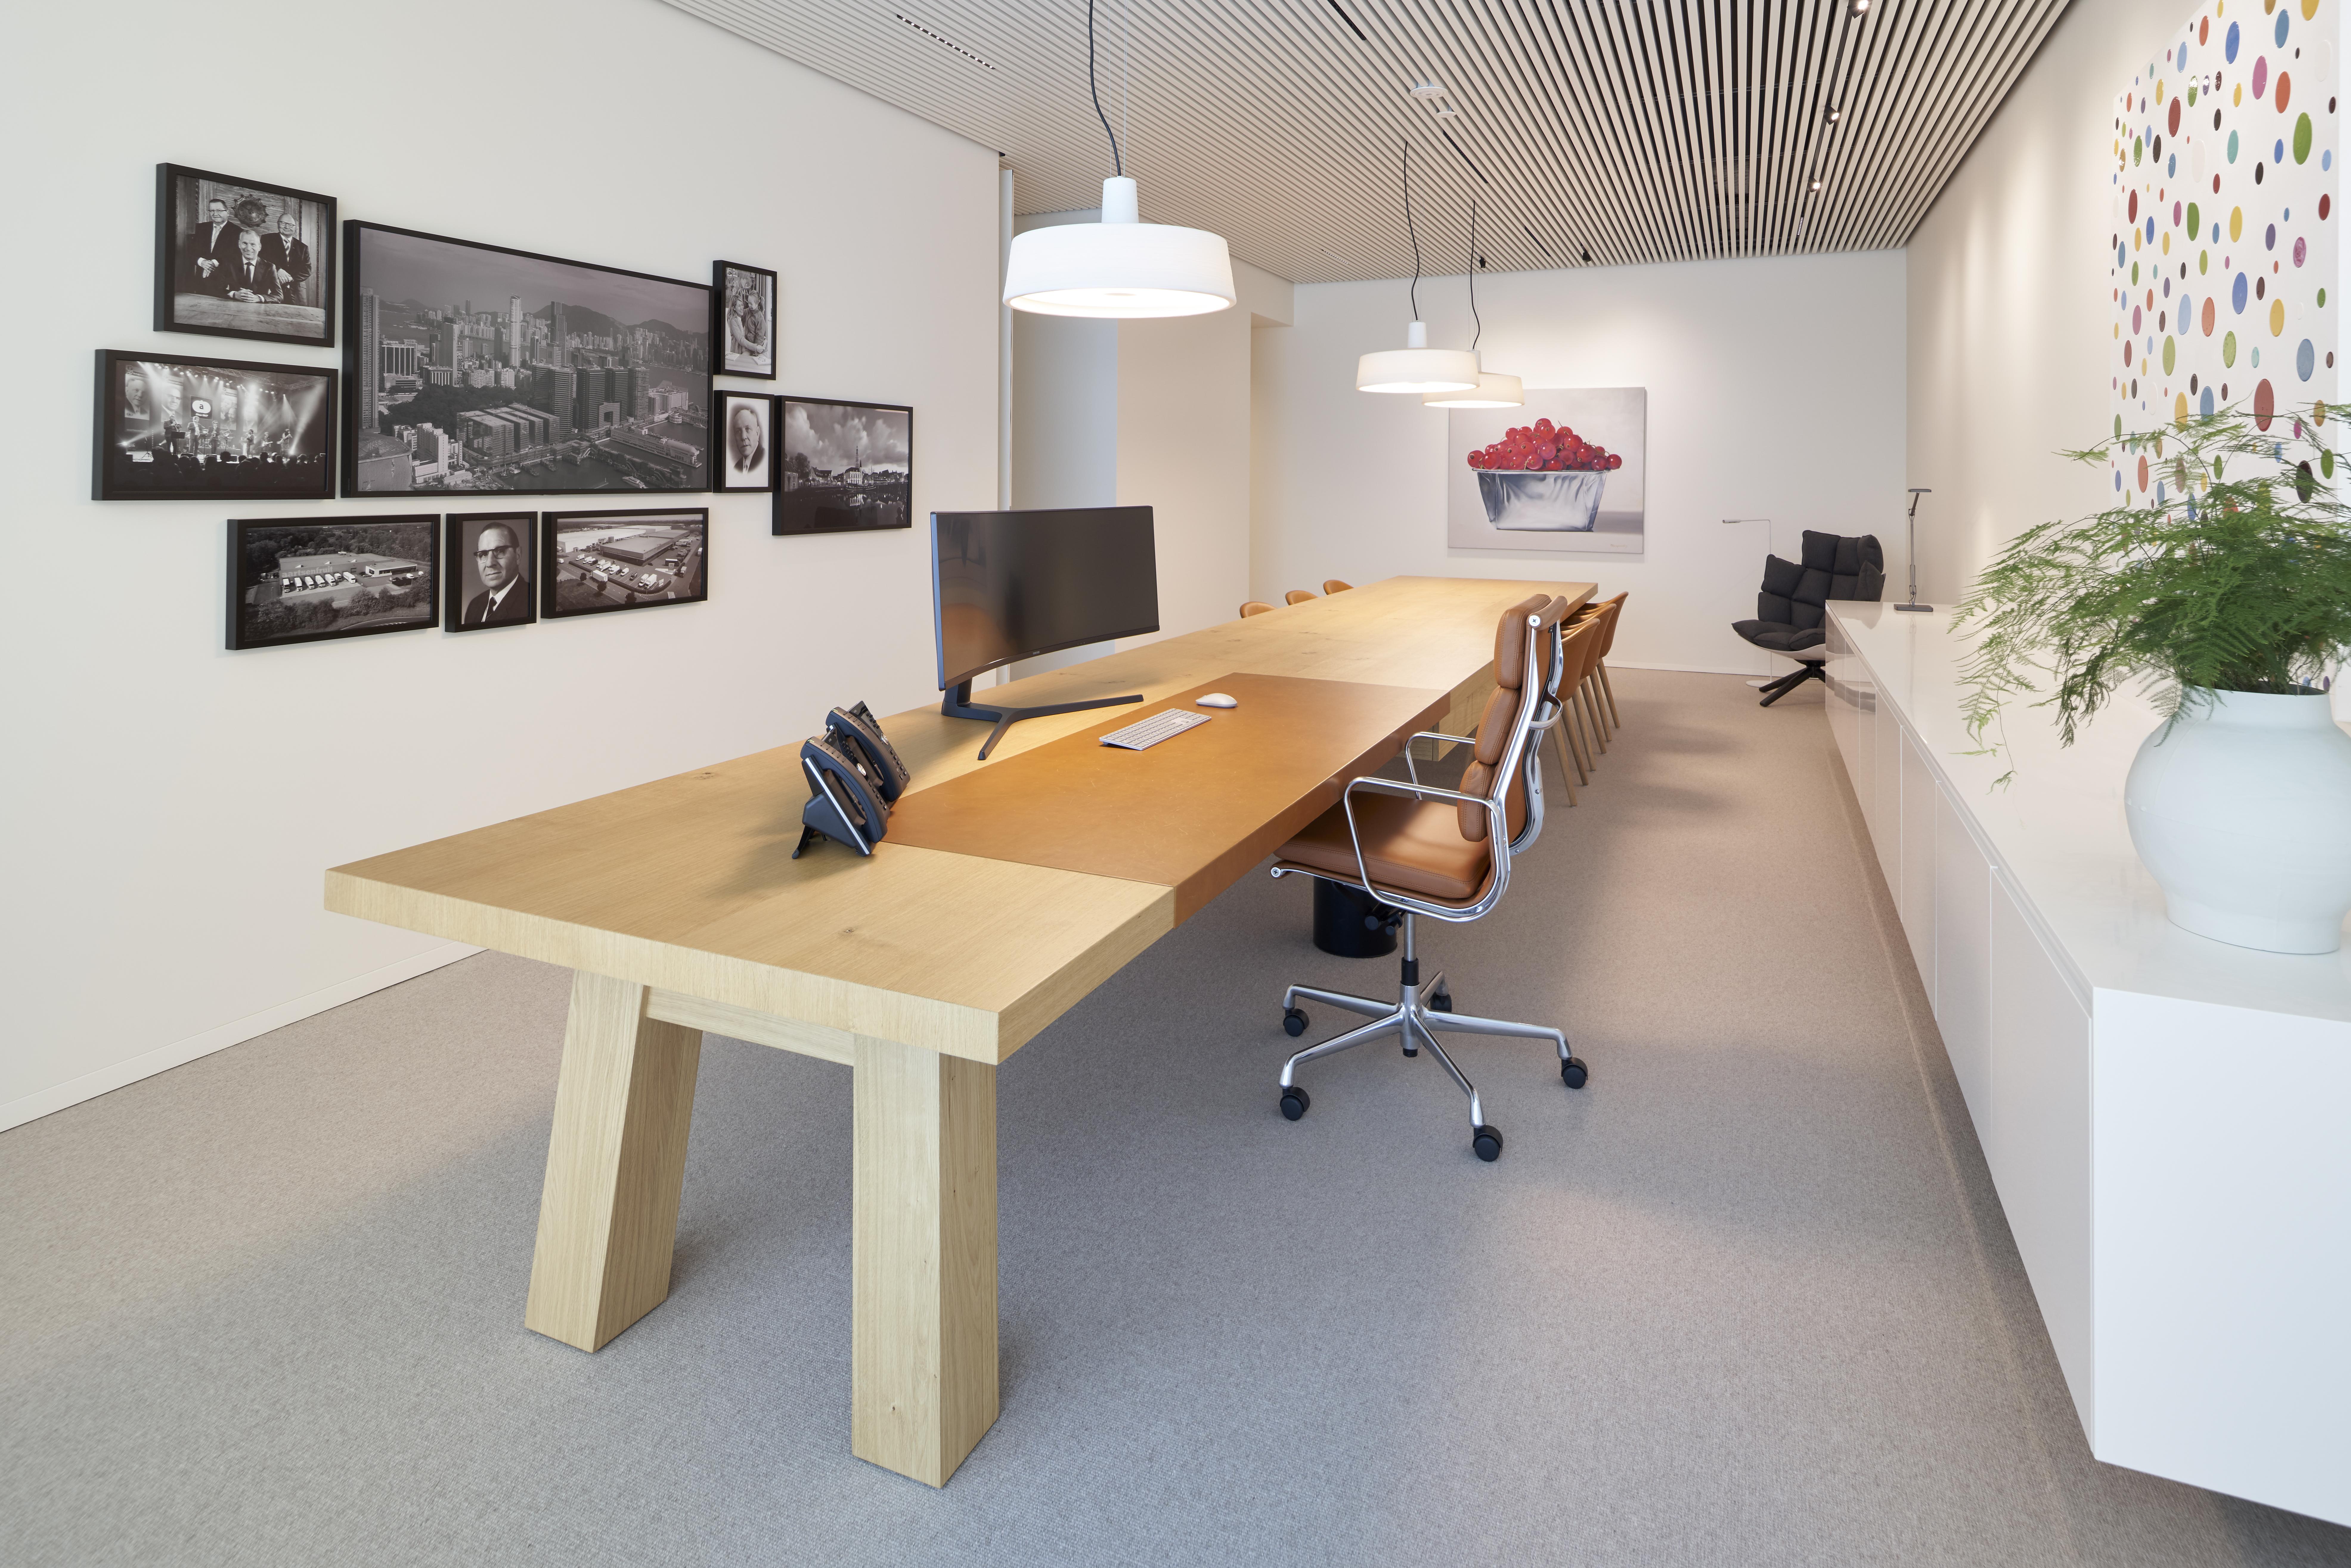 <p>&#8216;Kantoor van Jack Aartsen: Ronald Tilleman&#8217;</p>